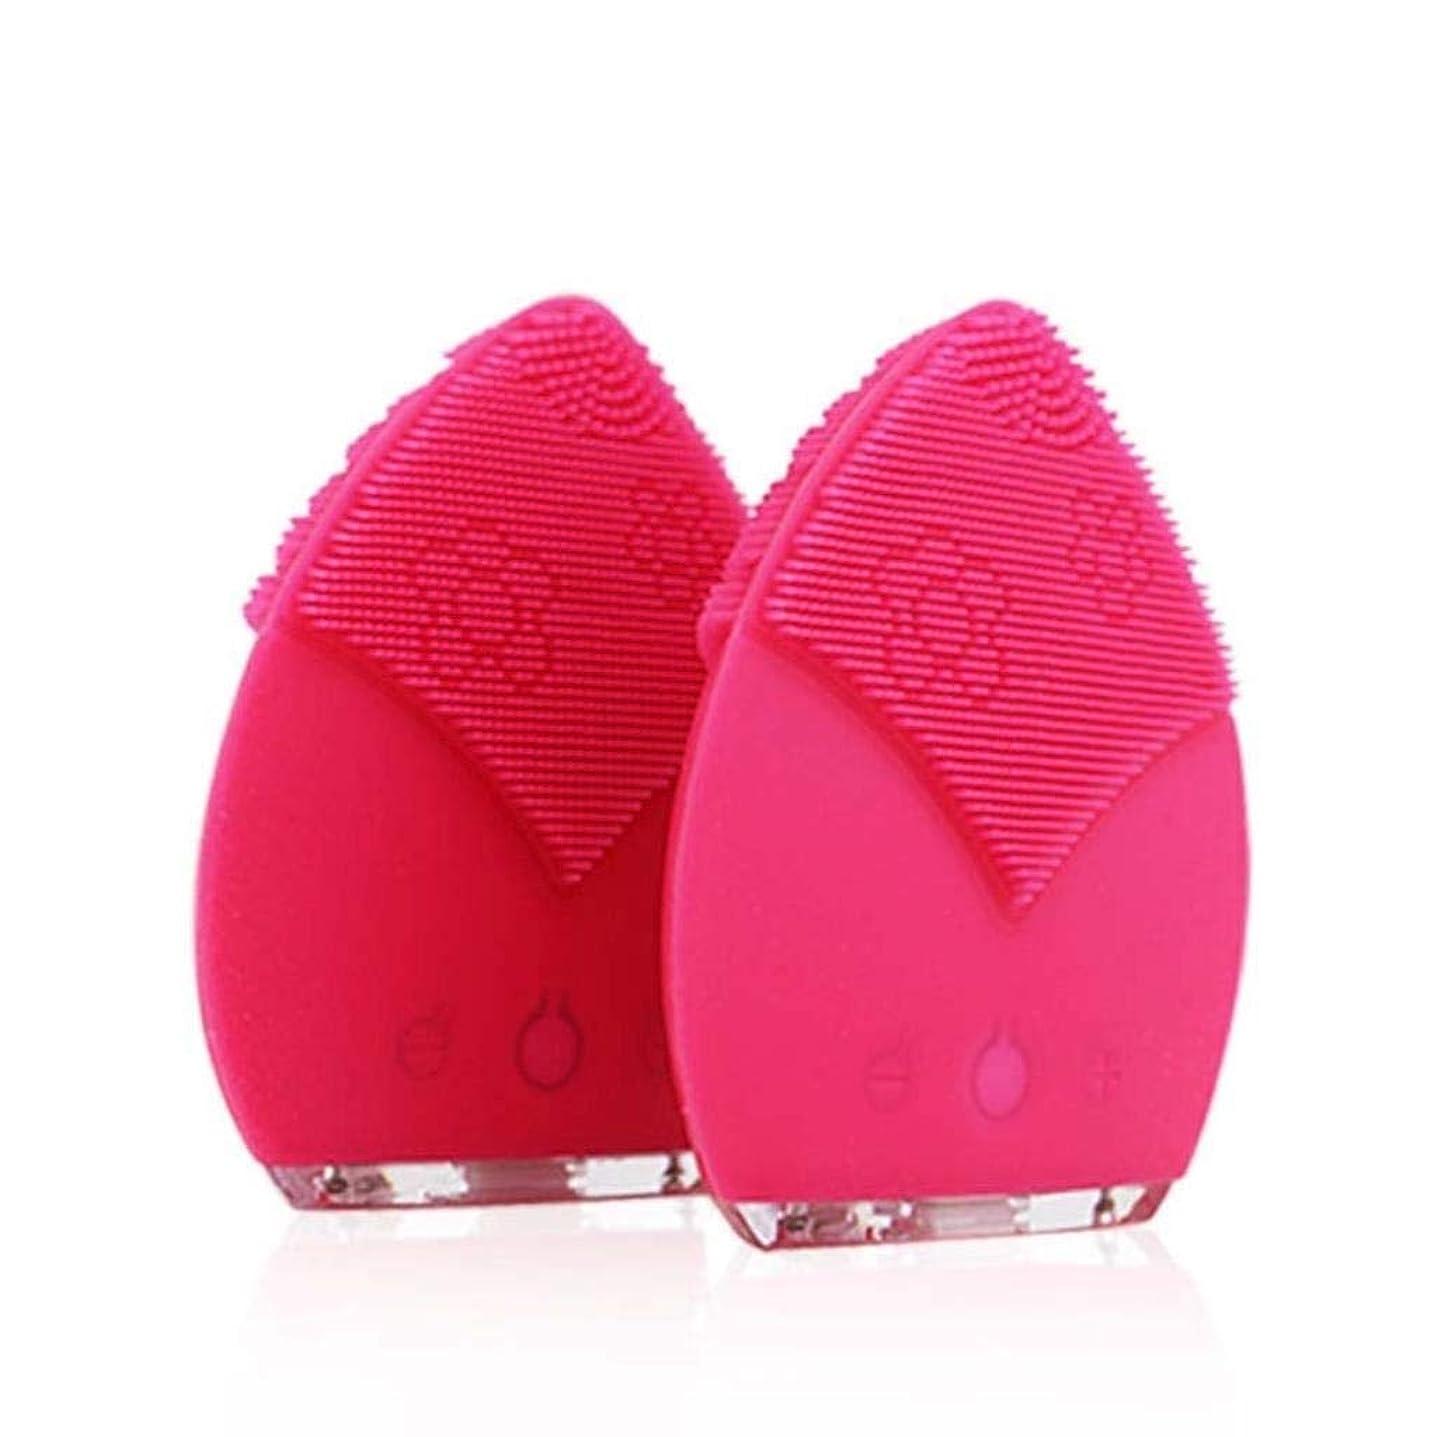 消防士適応的飾るクレンジングブラシ、IPX5は電気クレンジングブラシ、深い皮の清潔になるための顔のマッサージャーを防水します